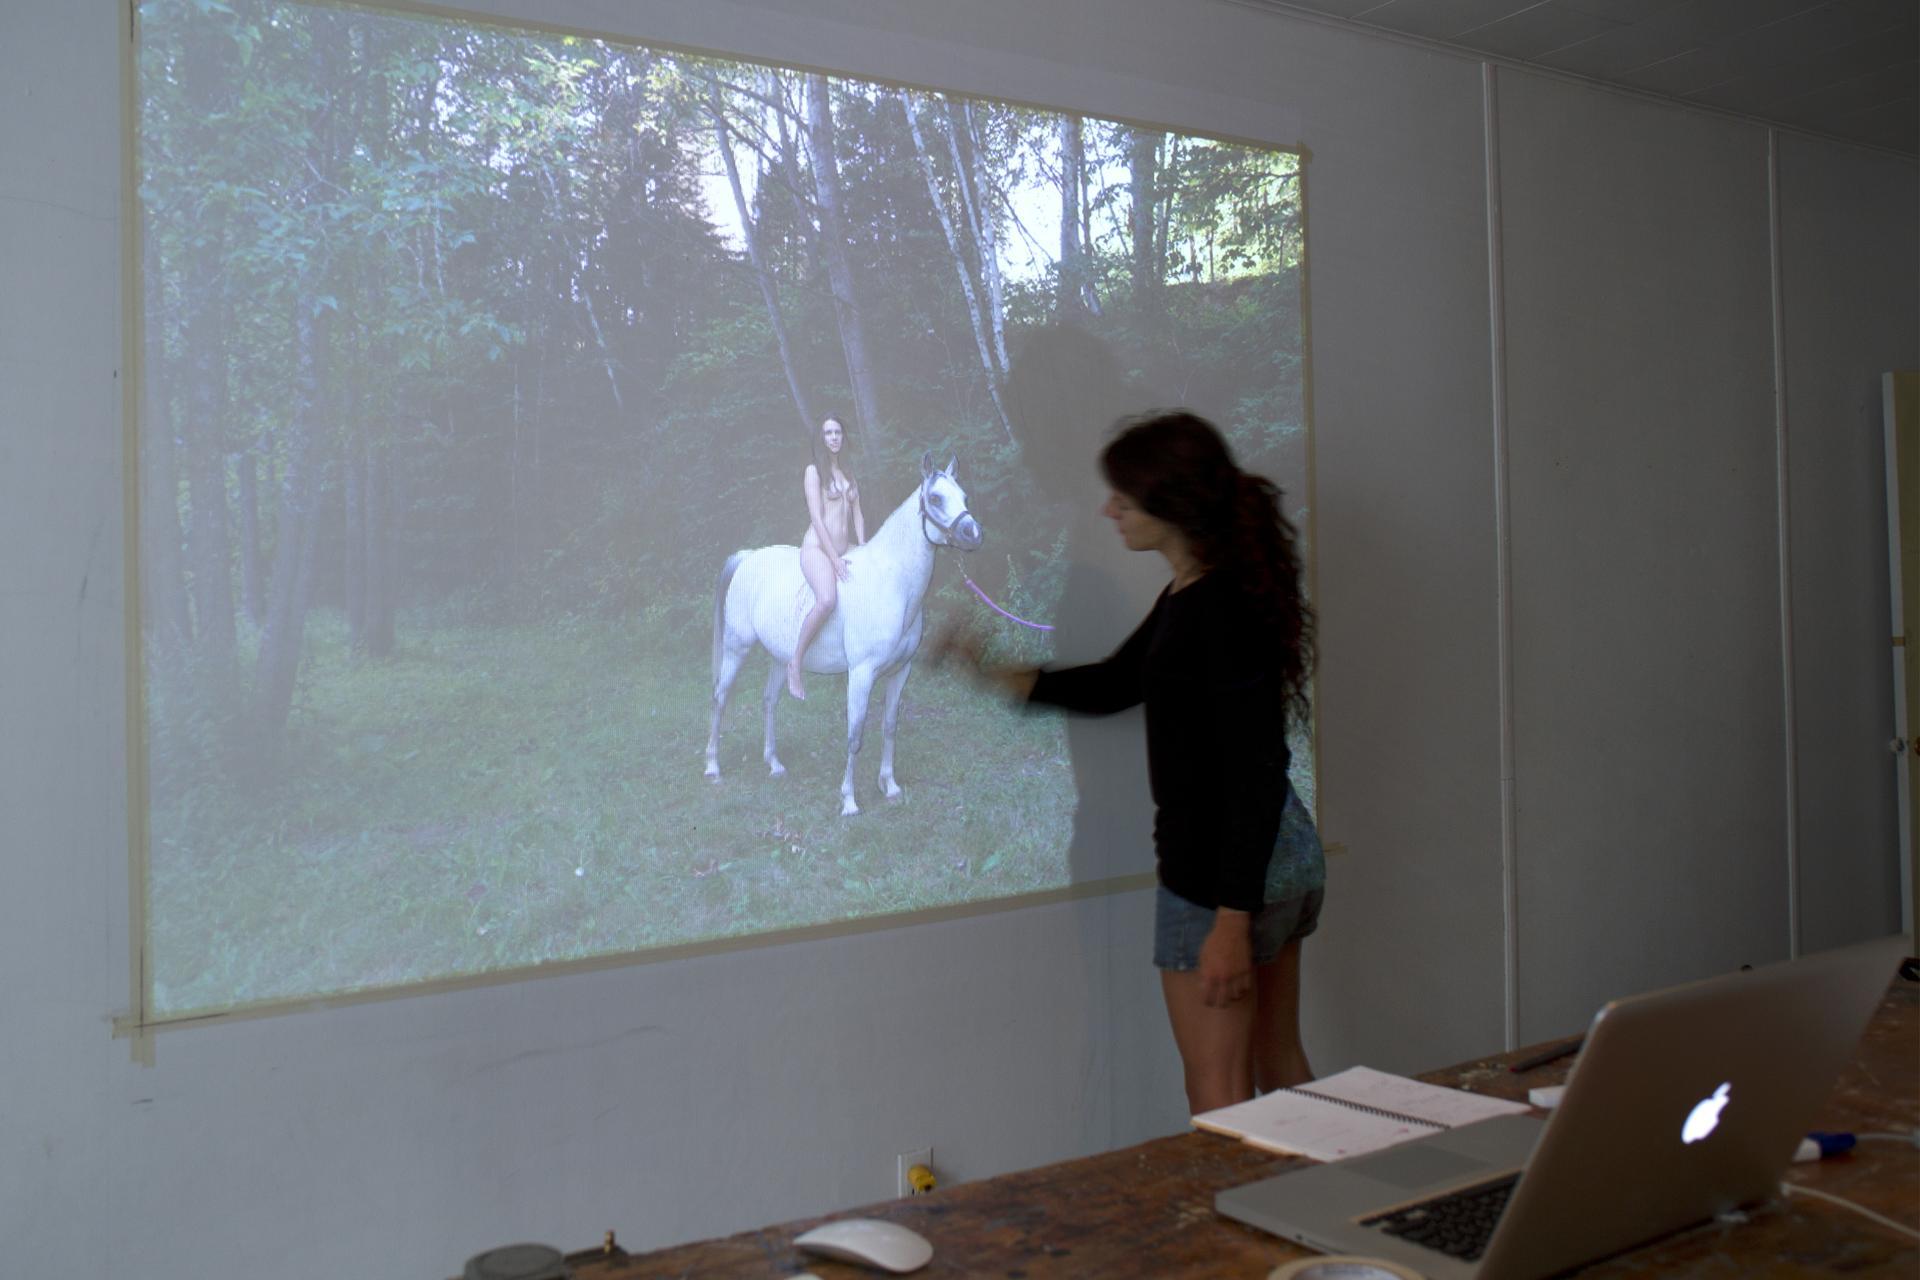 Expérimentations menées en atelier par Faye Mullen en résidence